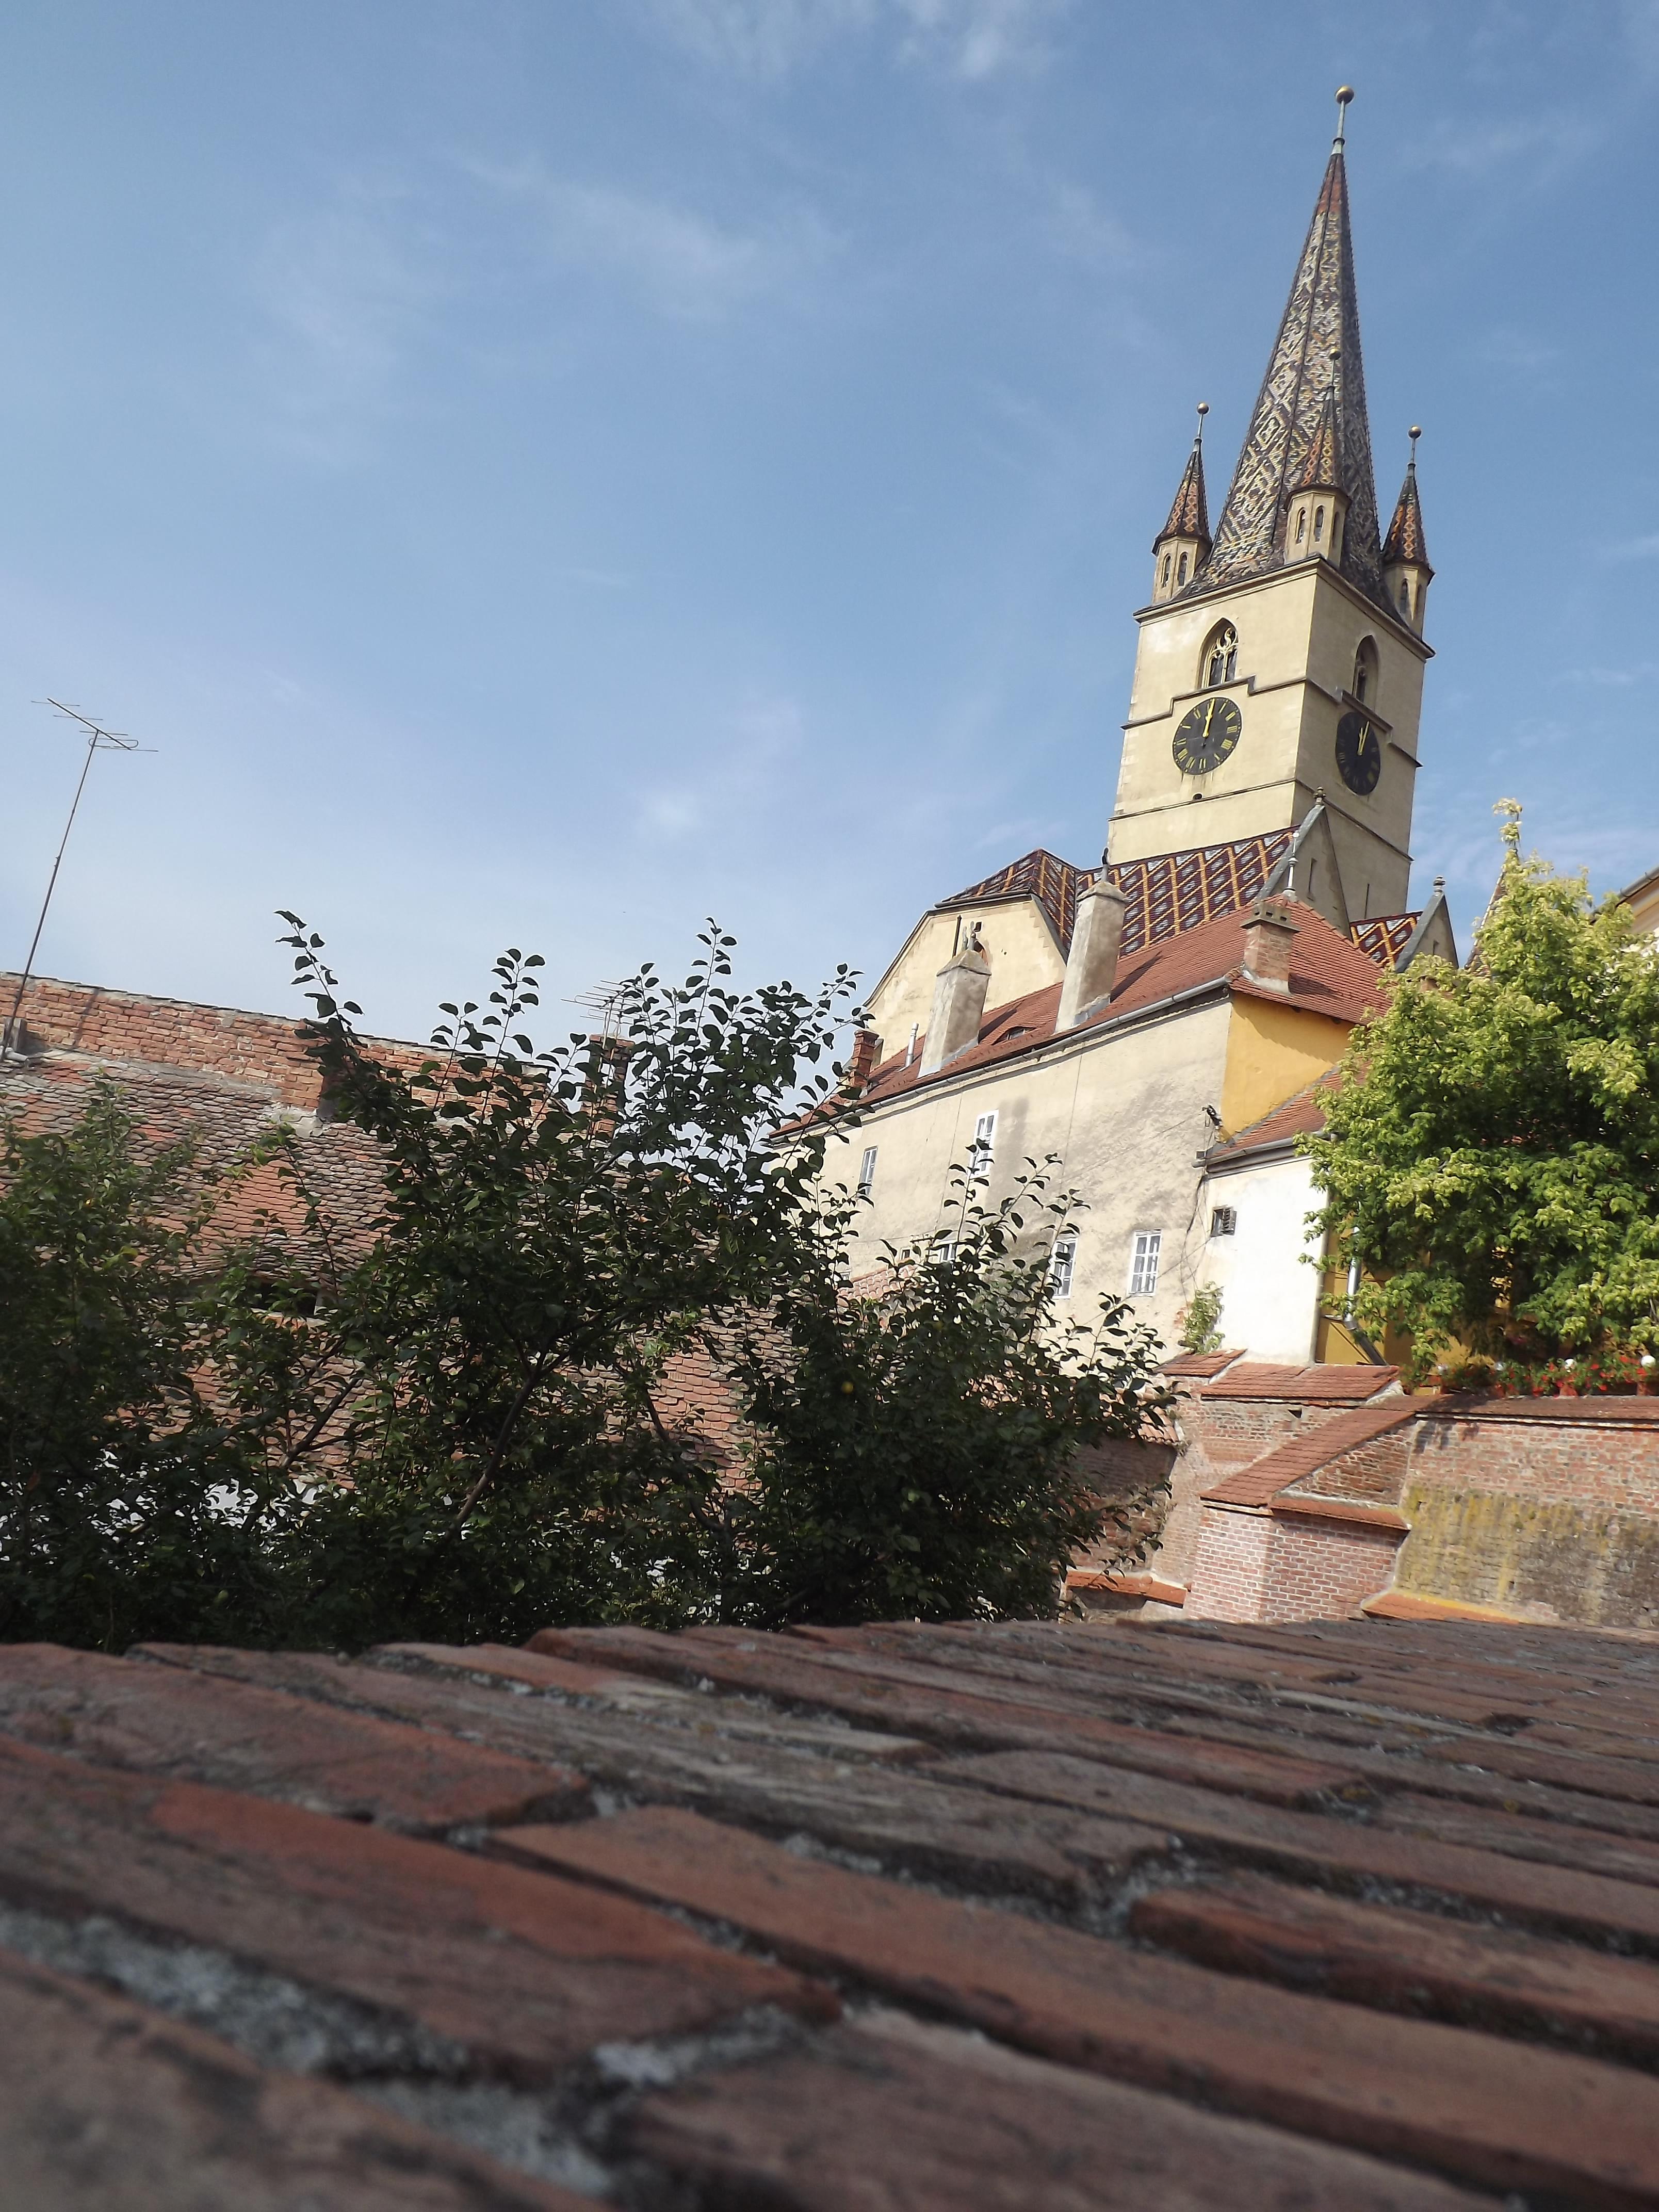 Istoria renaște – Catedrala Evanghelică din Sibiu